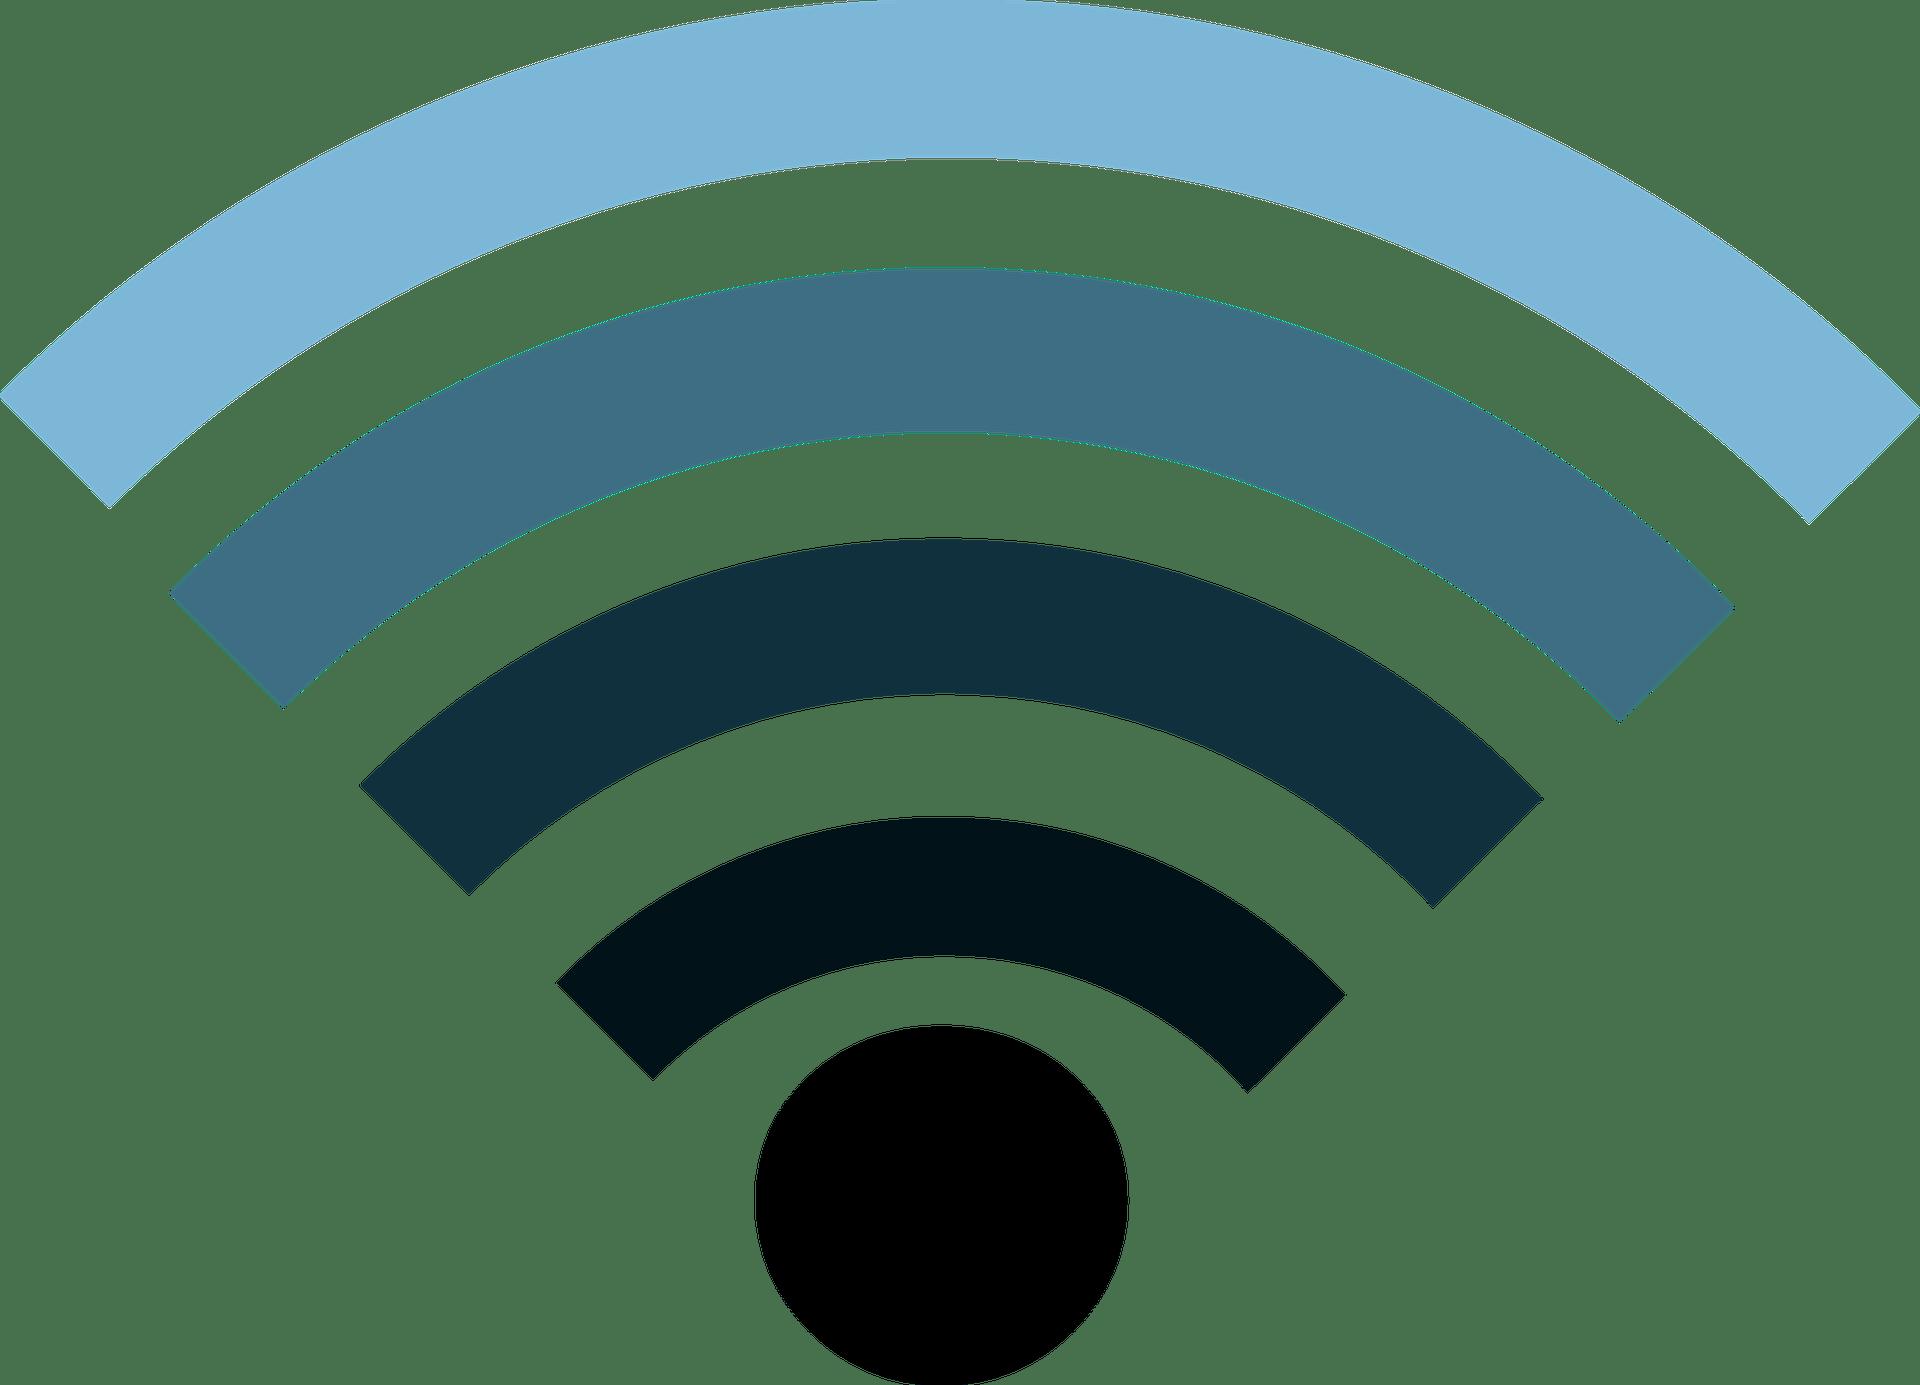 Πως να αλλαξω κωδικο στο ρουτερ | wifi